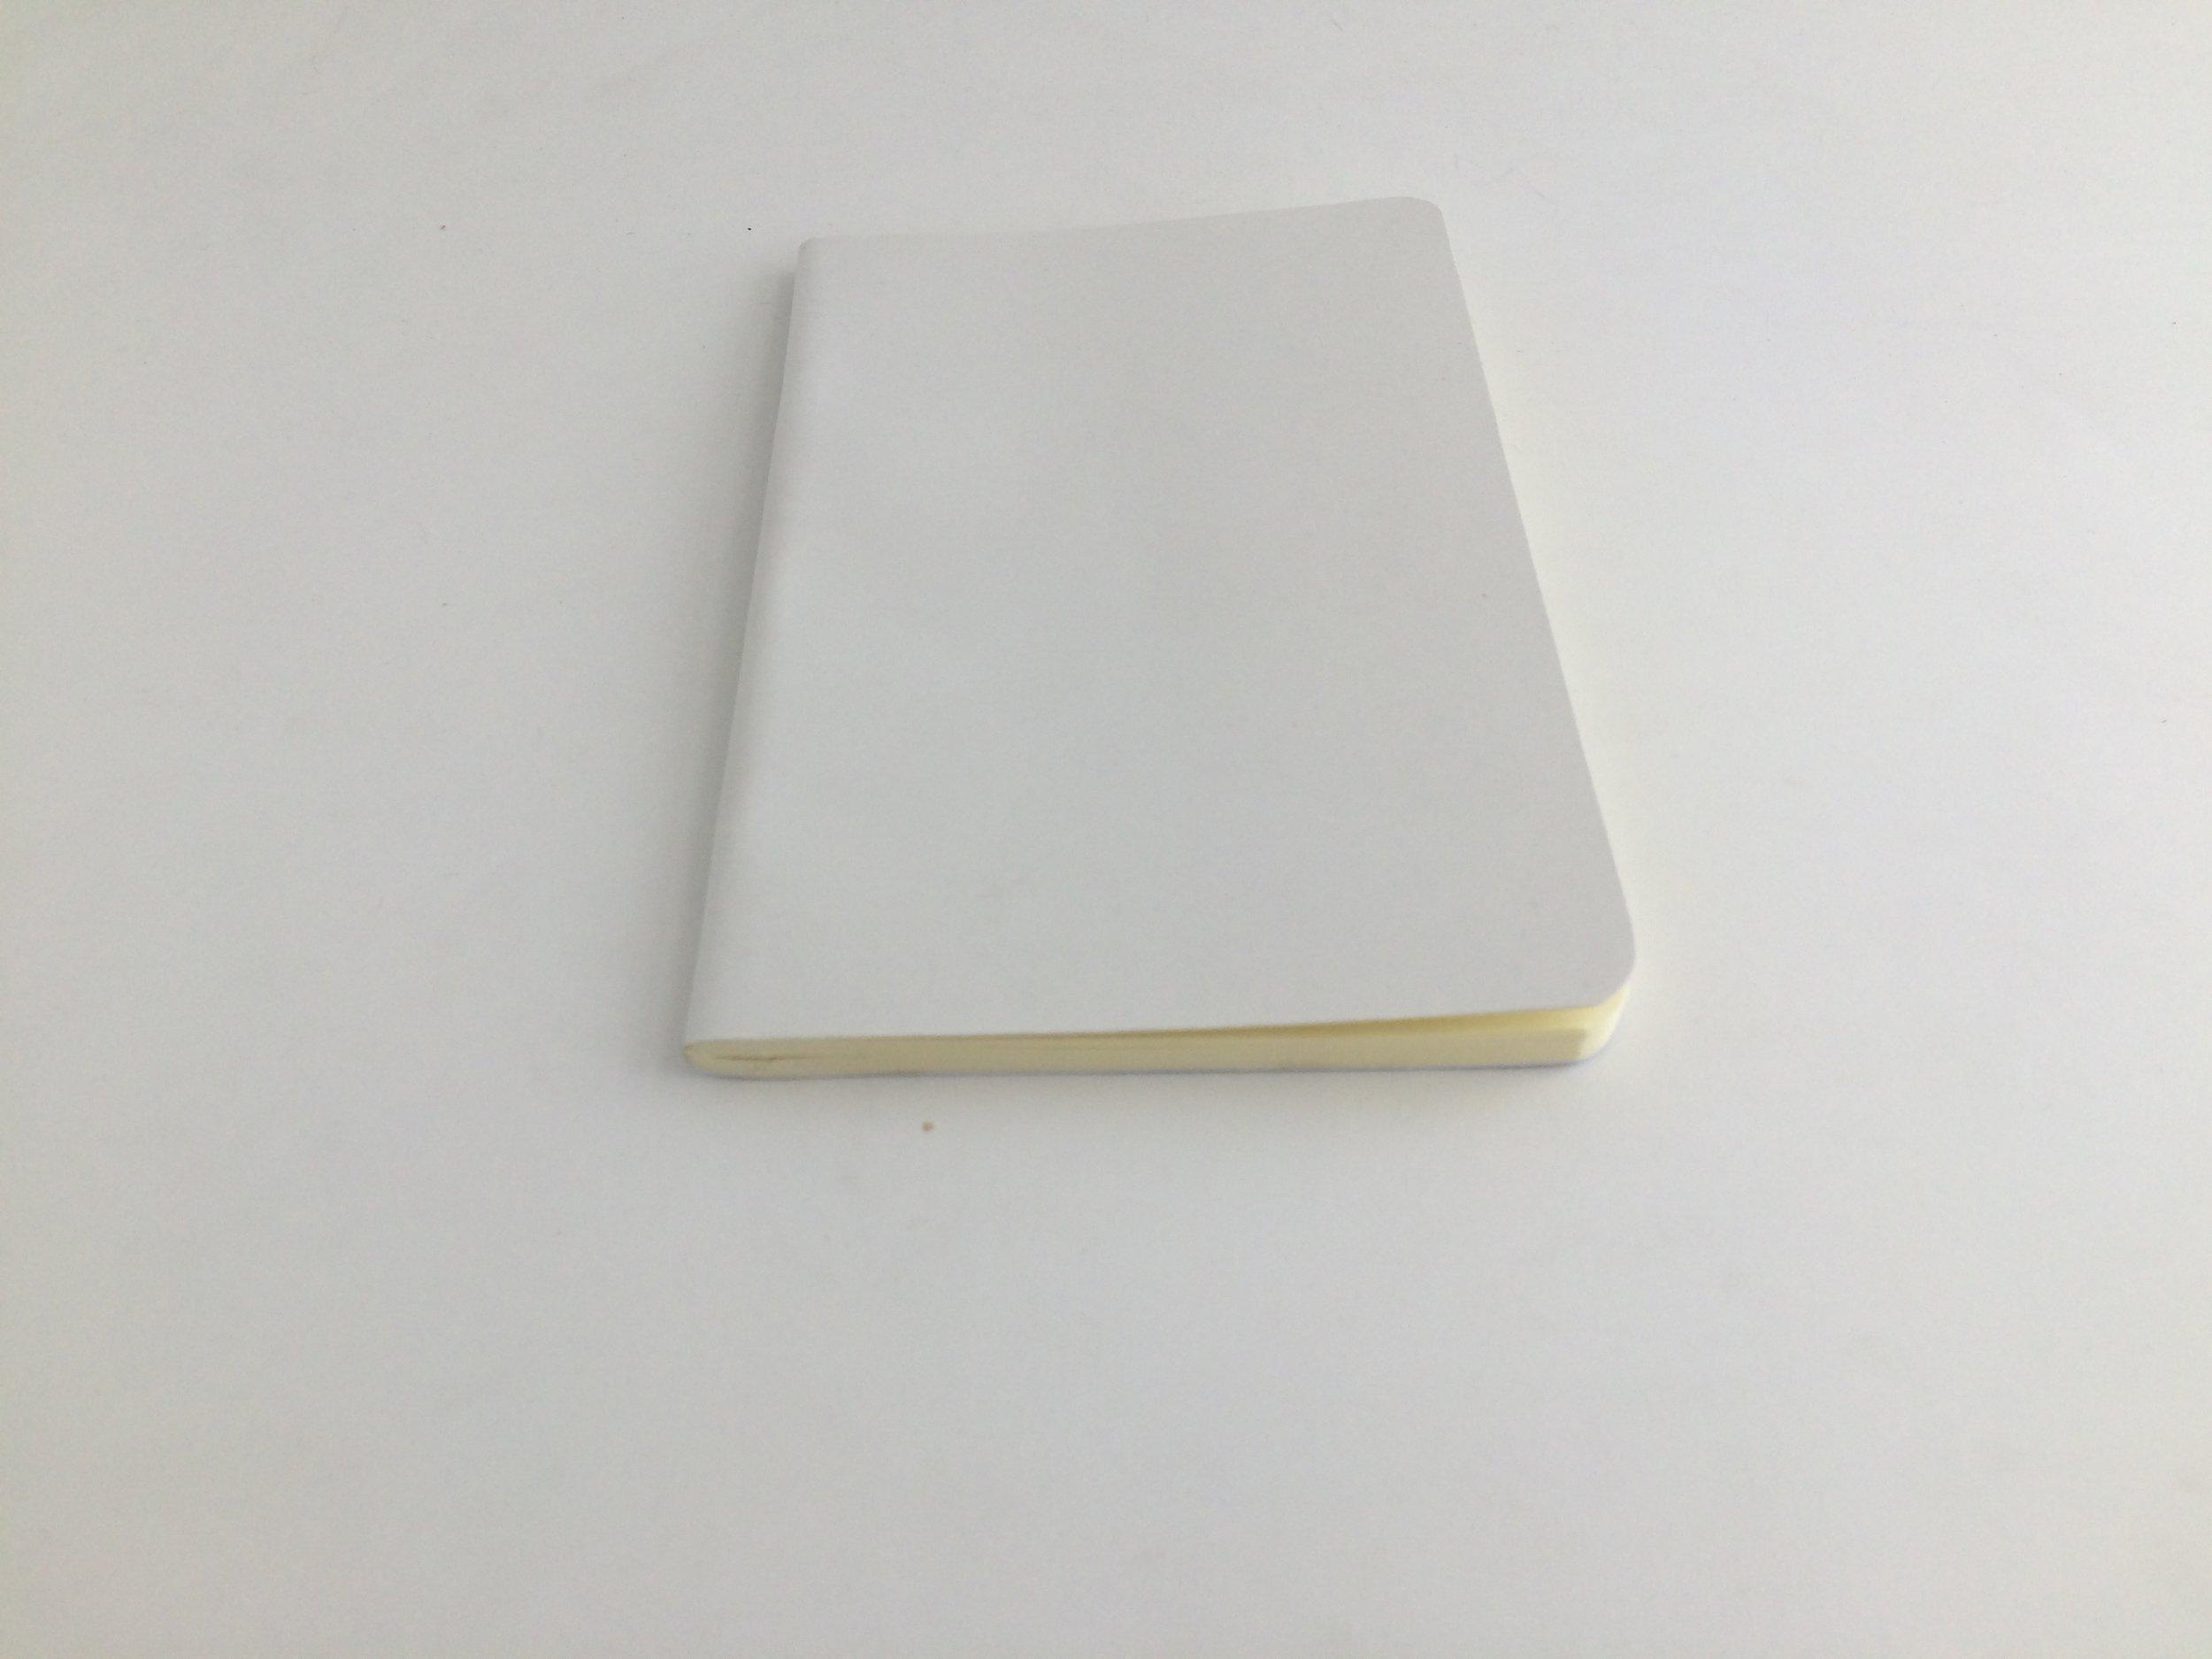 Las libretas pocket tienen un grosor de 4 mm.